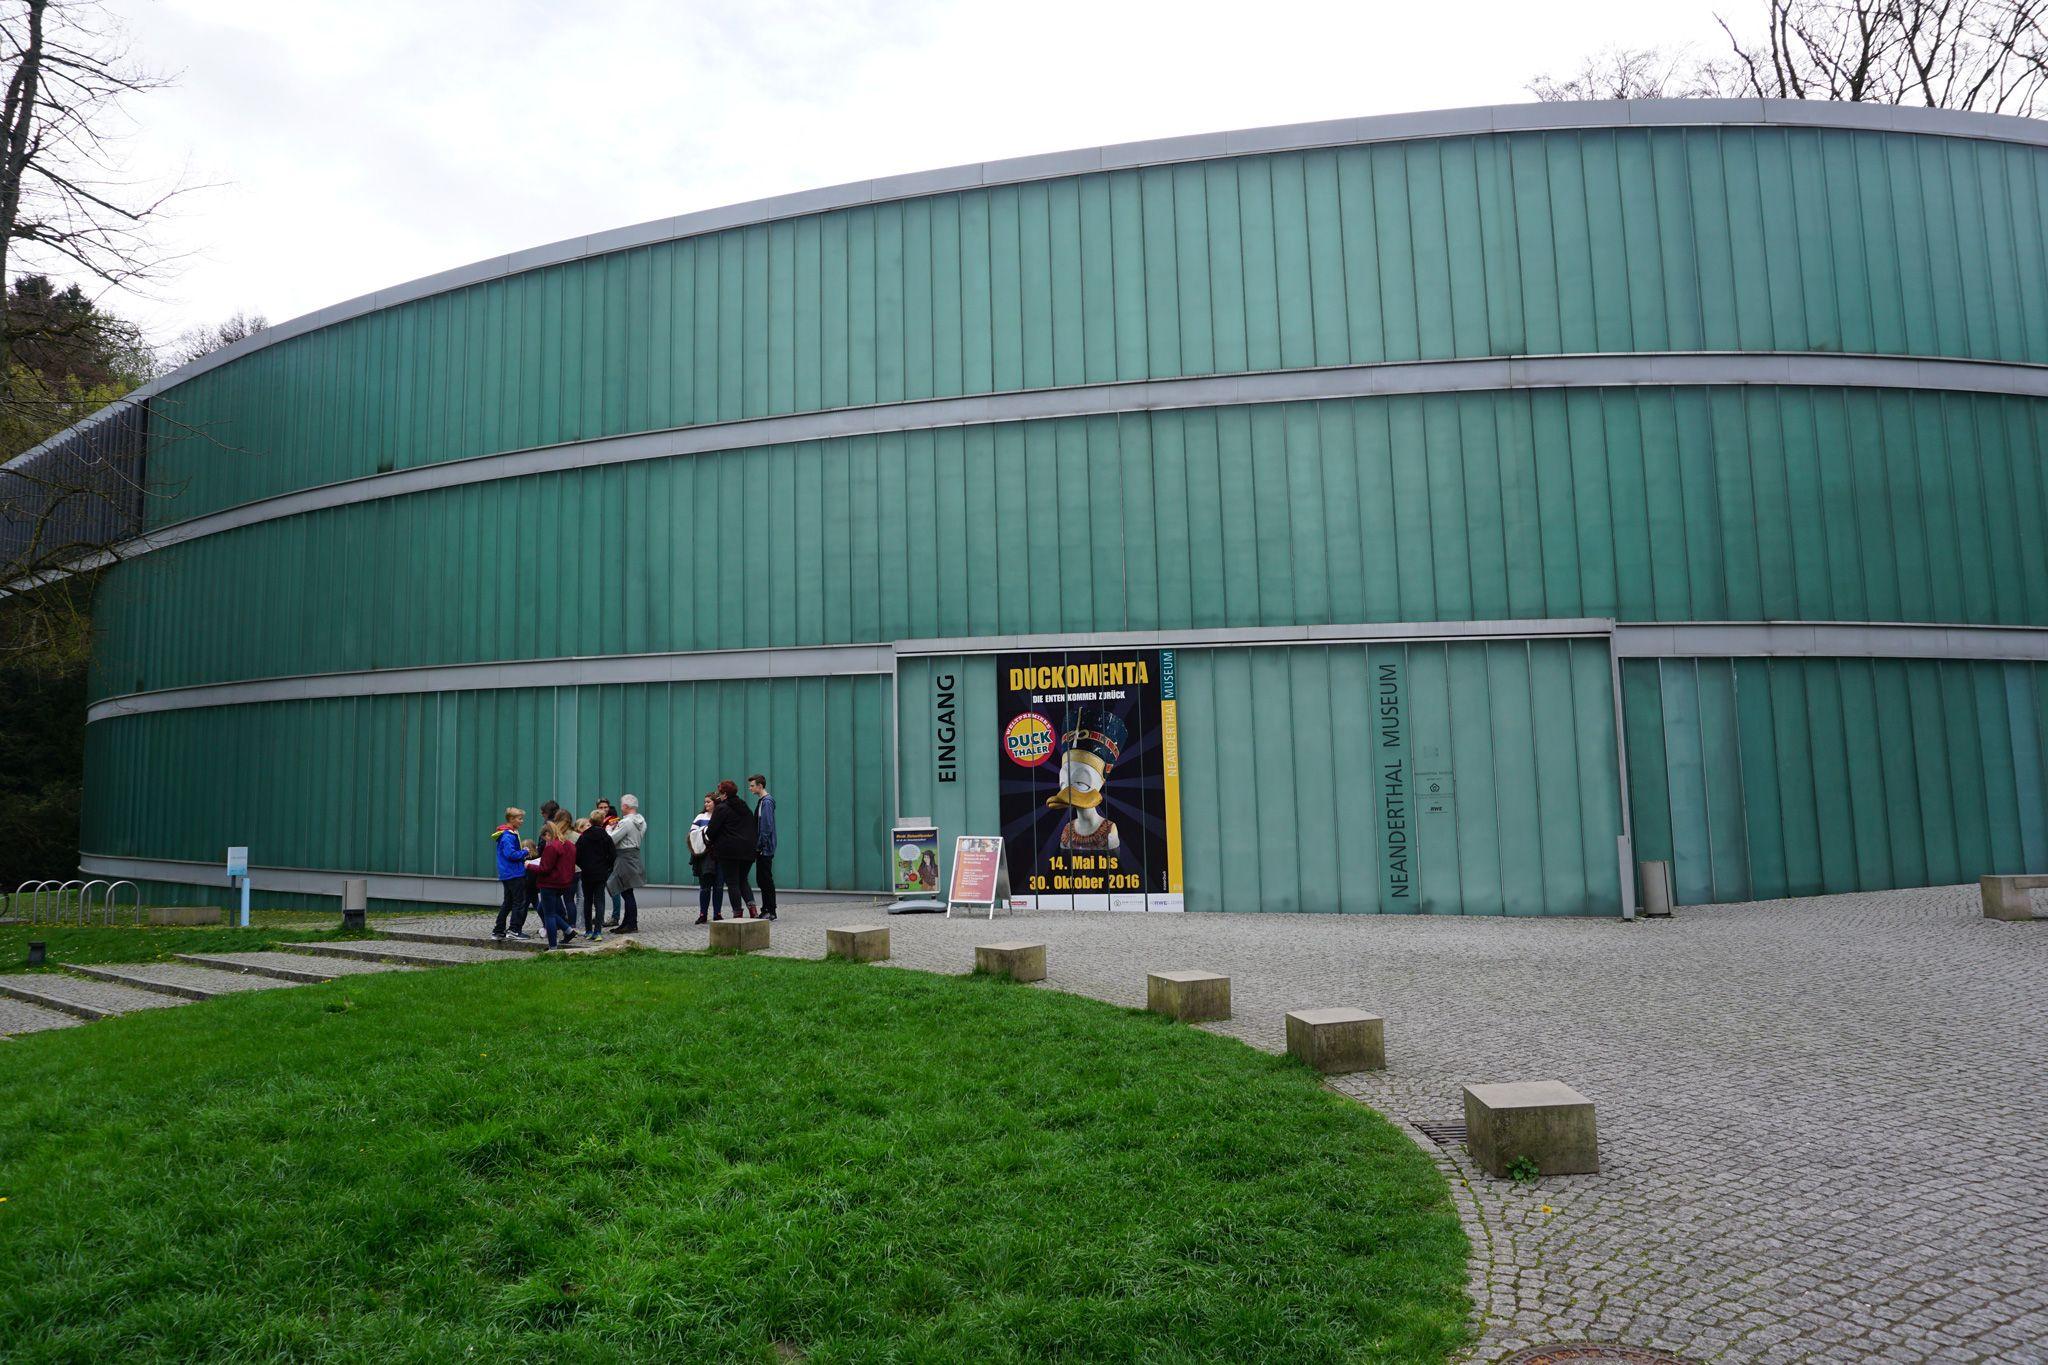 Neanderthal Museum in Mettmann http://www.ausflugsziele-nrw.net/neanderthal-museum/ #Neanderthalmuseum #Mettmann #Düsseldorf #Neanderthal